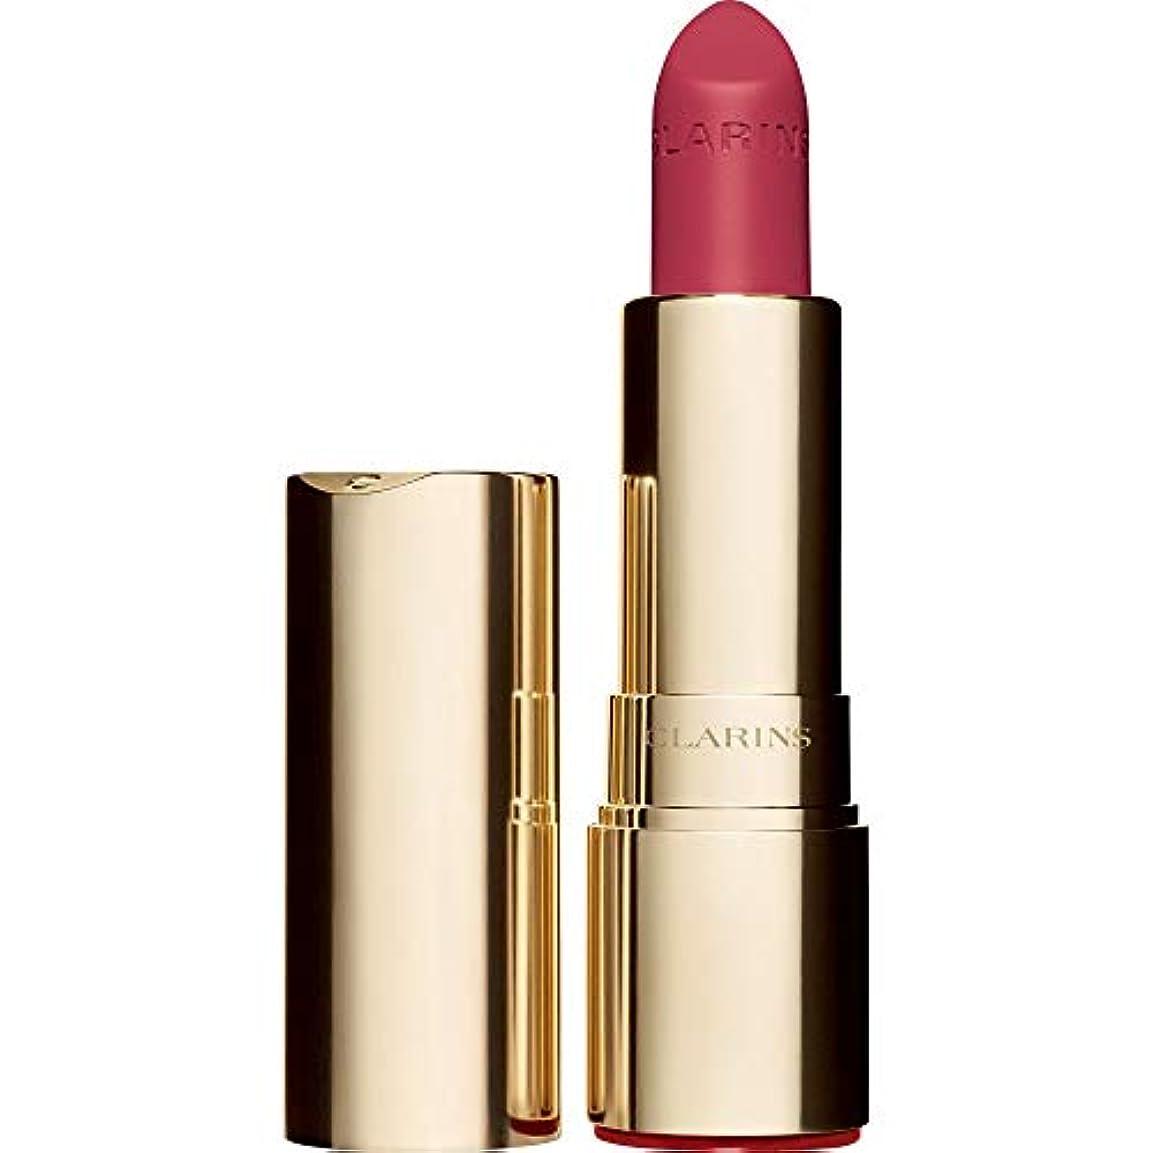 ドライバ座標しばしば[Clarins ] クラランスジョリルージュのベルベットの口紅3.5グラムの756V - グアバ - Clarins Joli Rouge Velvet Lipstick 3.5g 756V - Guava [並行輸入品]